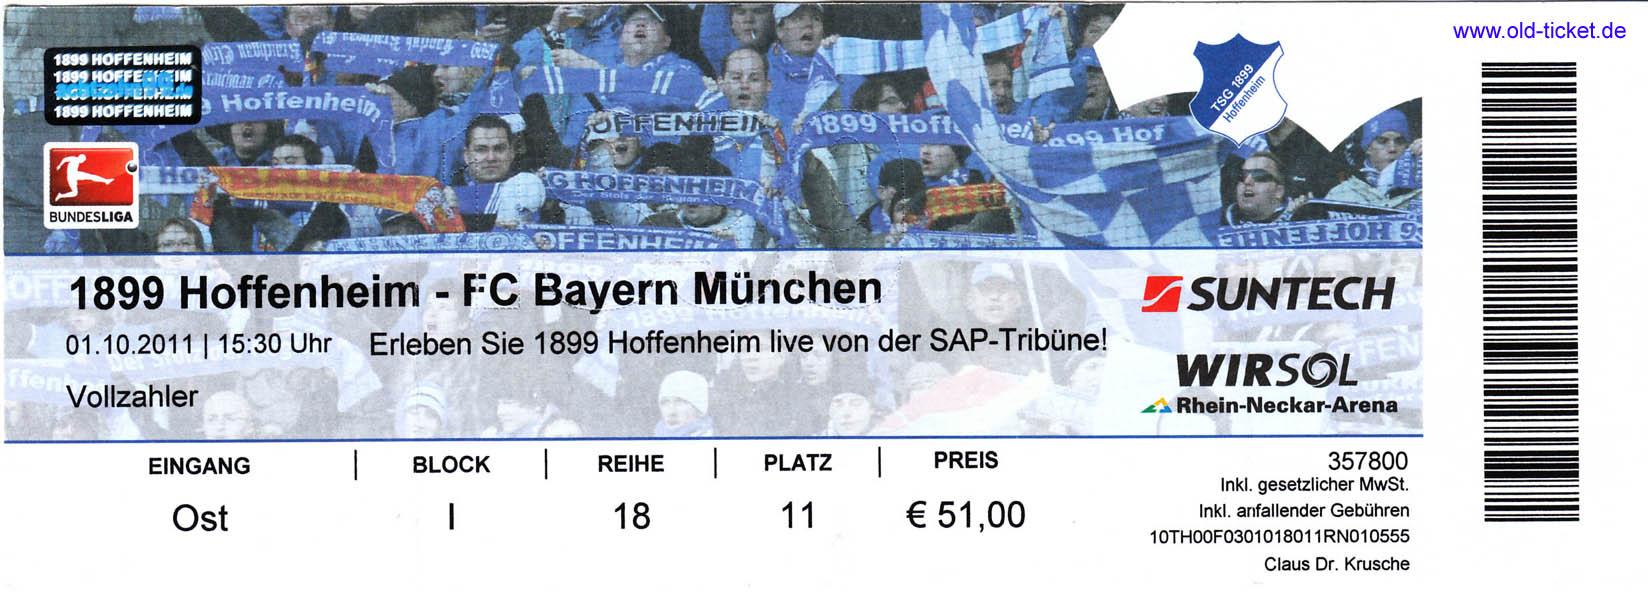 werder bremen hoffenheim tickets